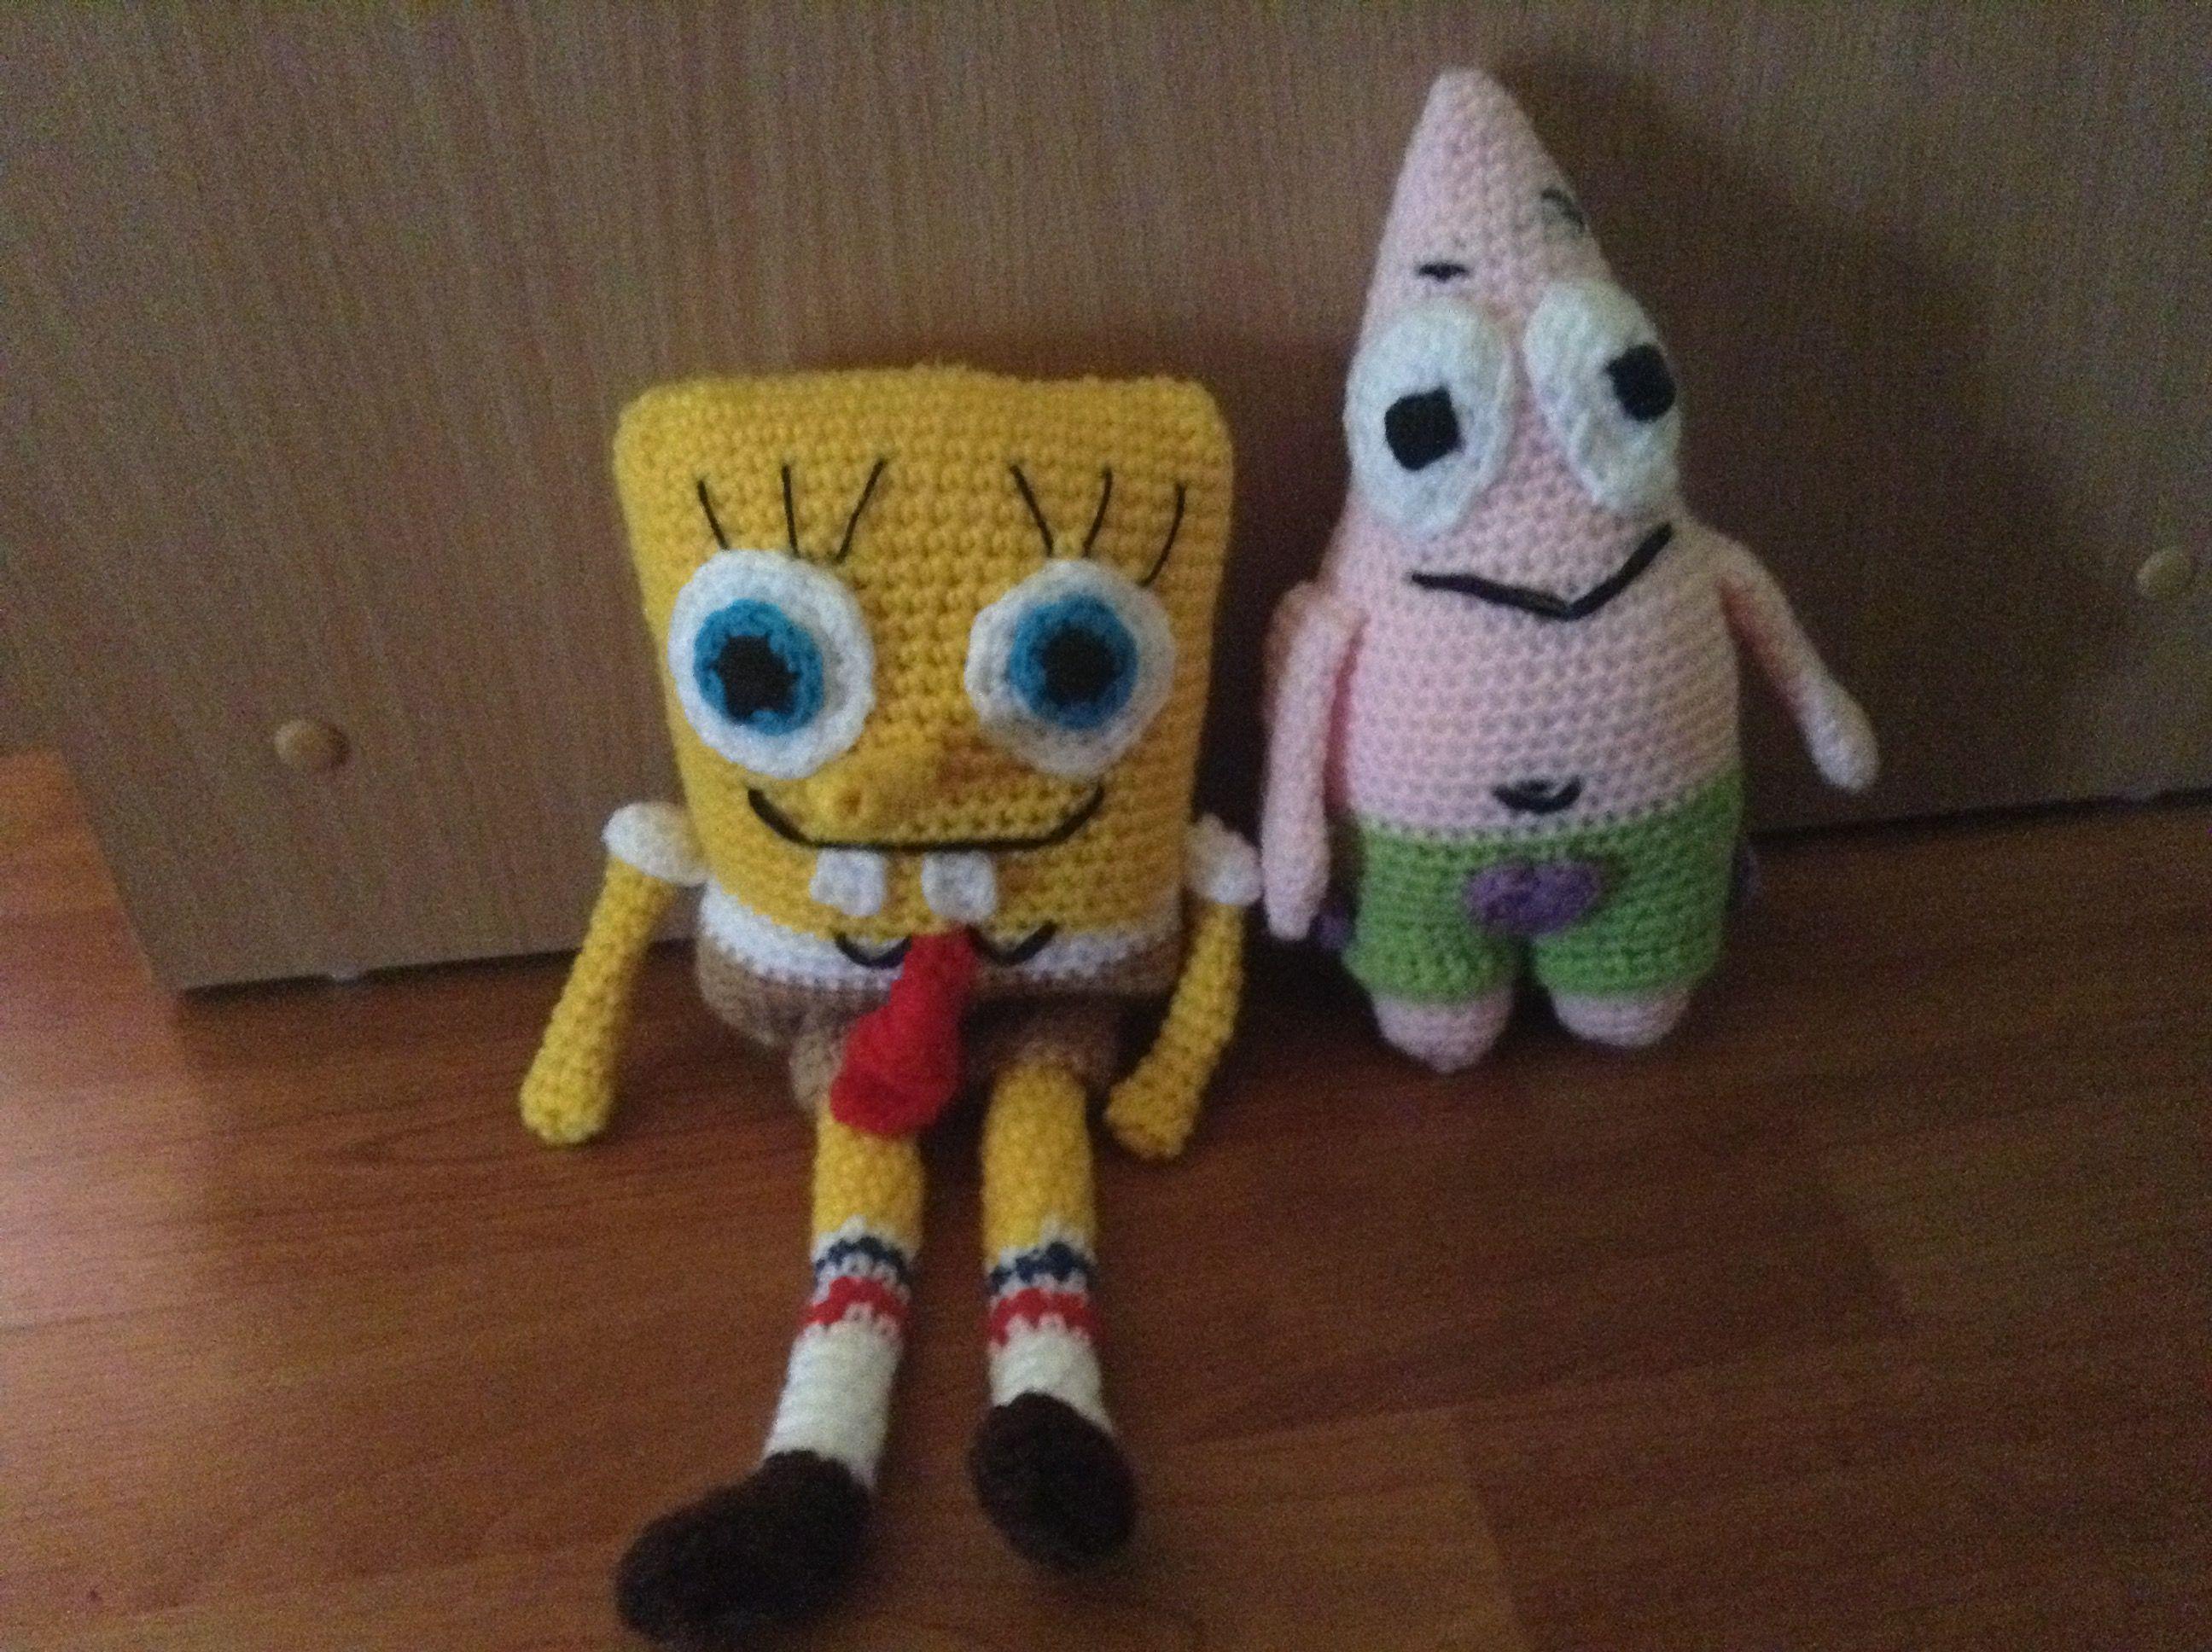 migliore a buon mercato foto ufficiali selezione migliore SpongeBob and Patrick crochet Amigurumi